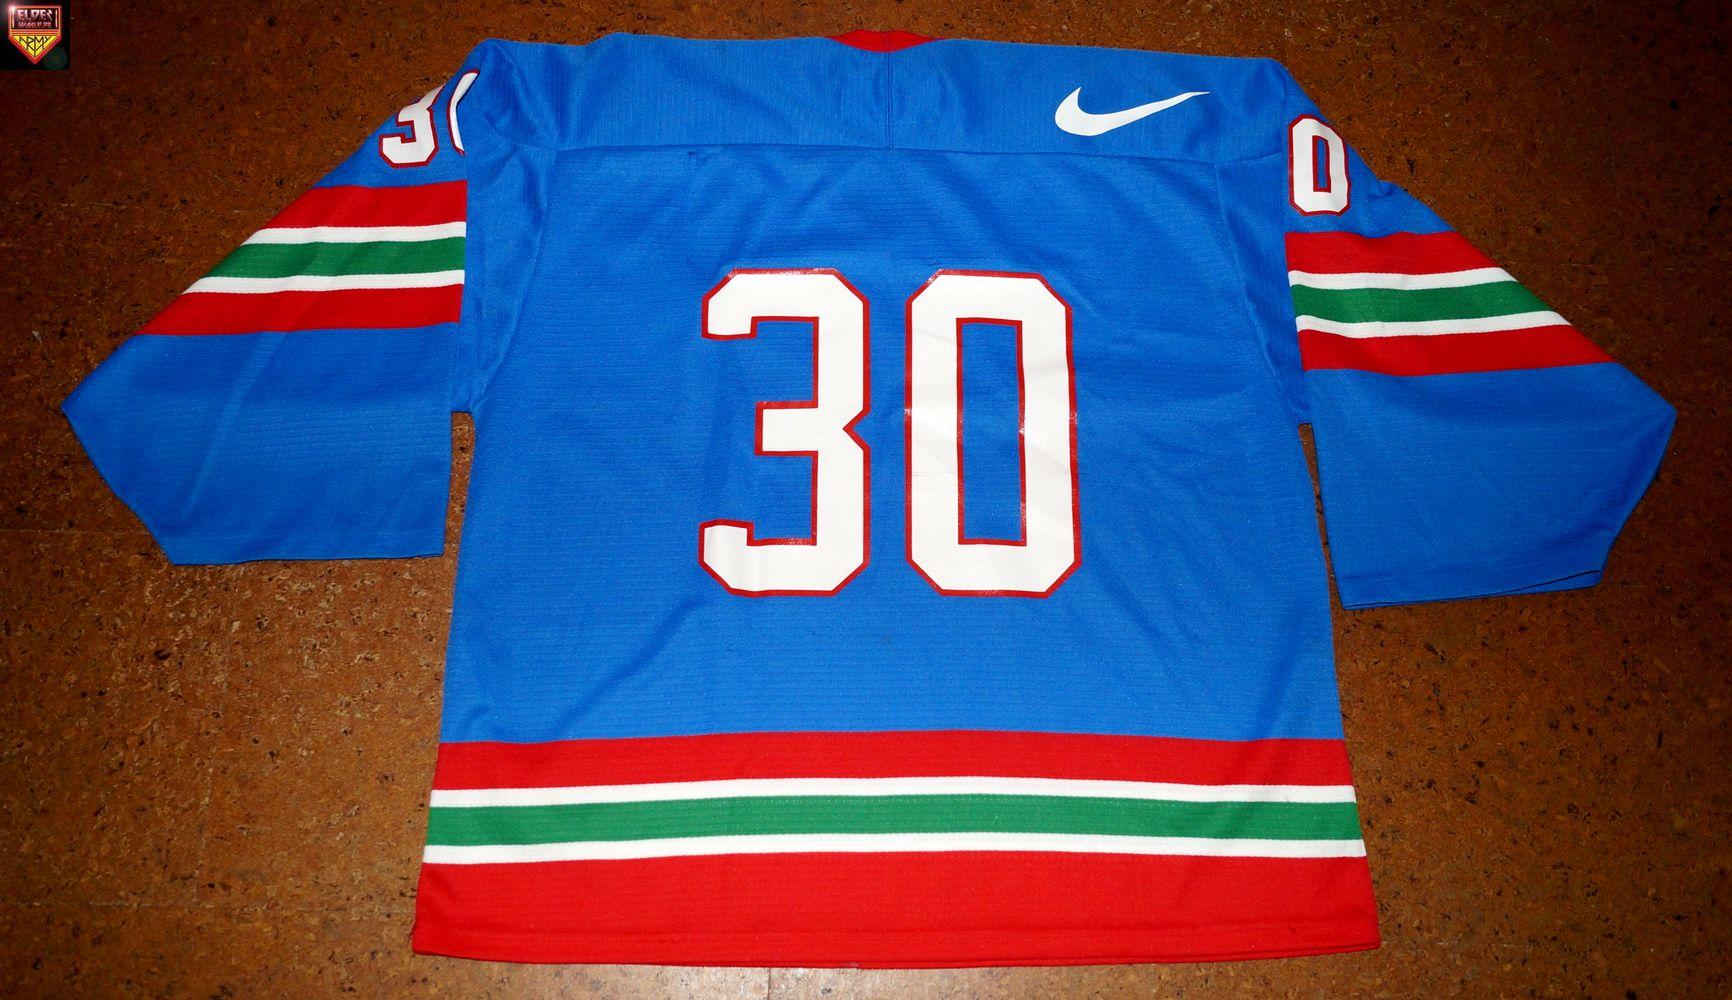 New Jersey Devils   97 99   No. 36   Colin White   red away pre-season    medium wear   LOA 105516  1b593e21e